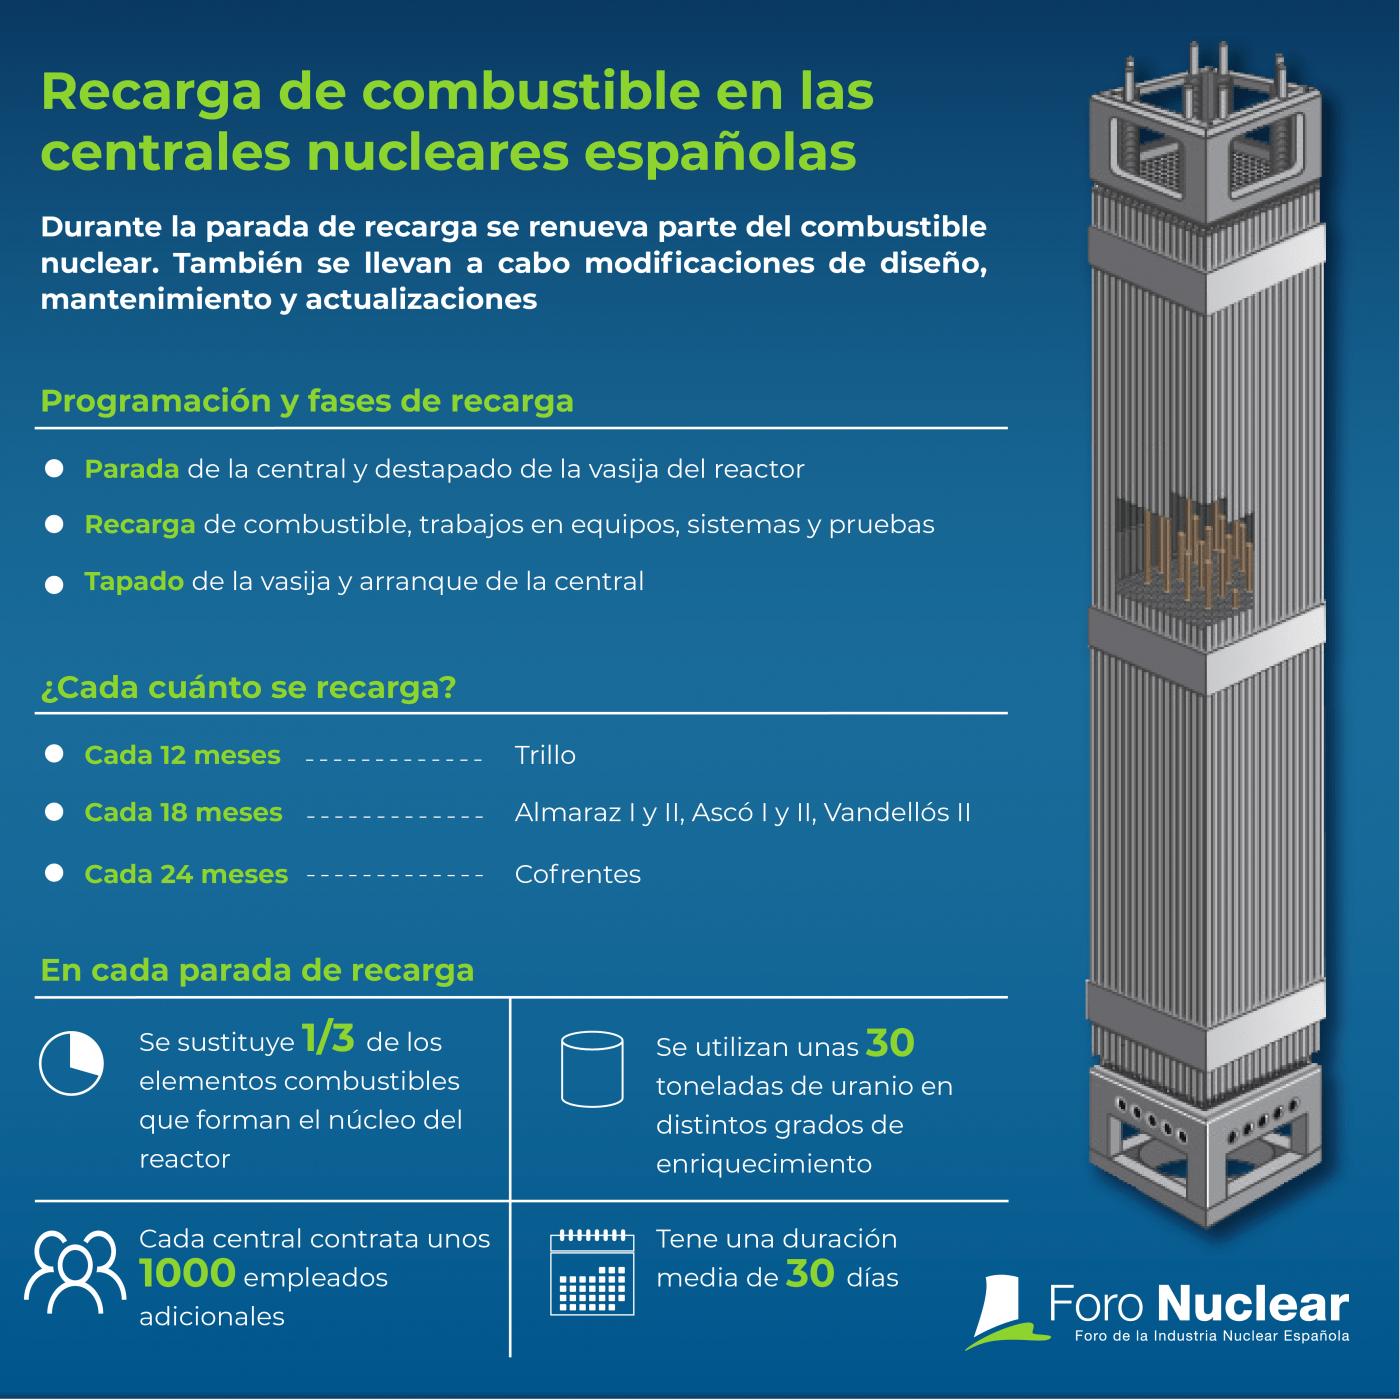 Recarga de combustible en las centrales nucleares españolas